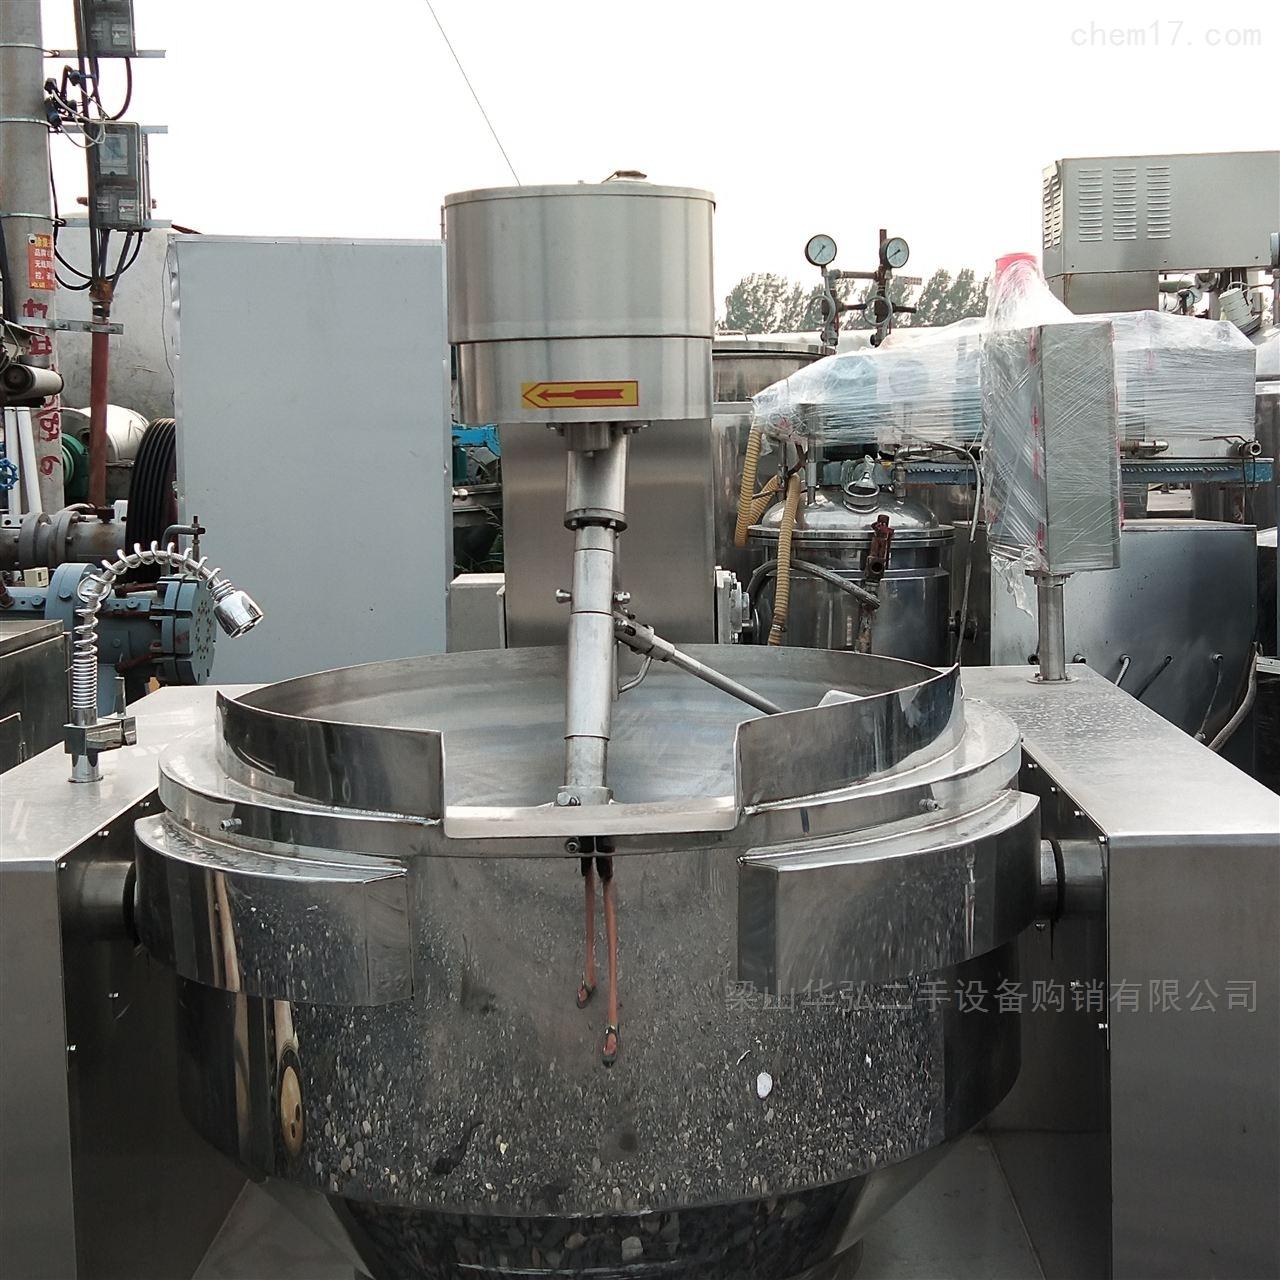 大量回收二手电加热夹层锅